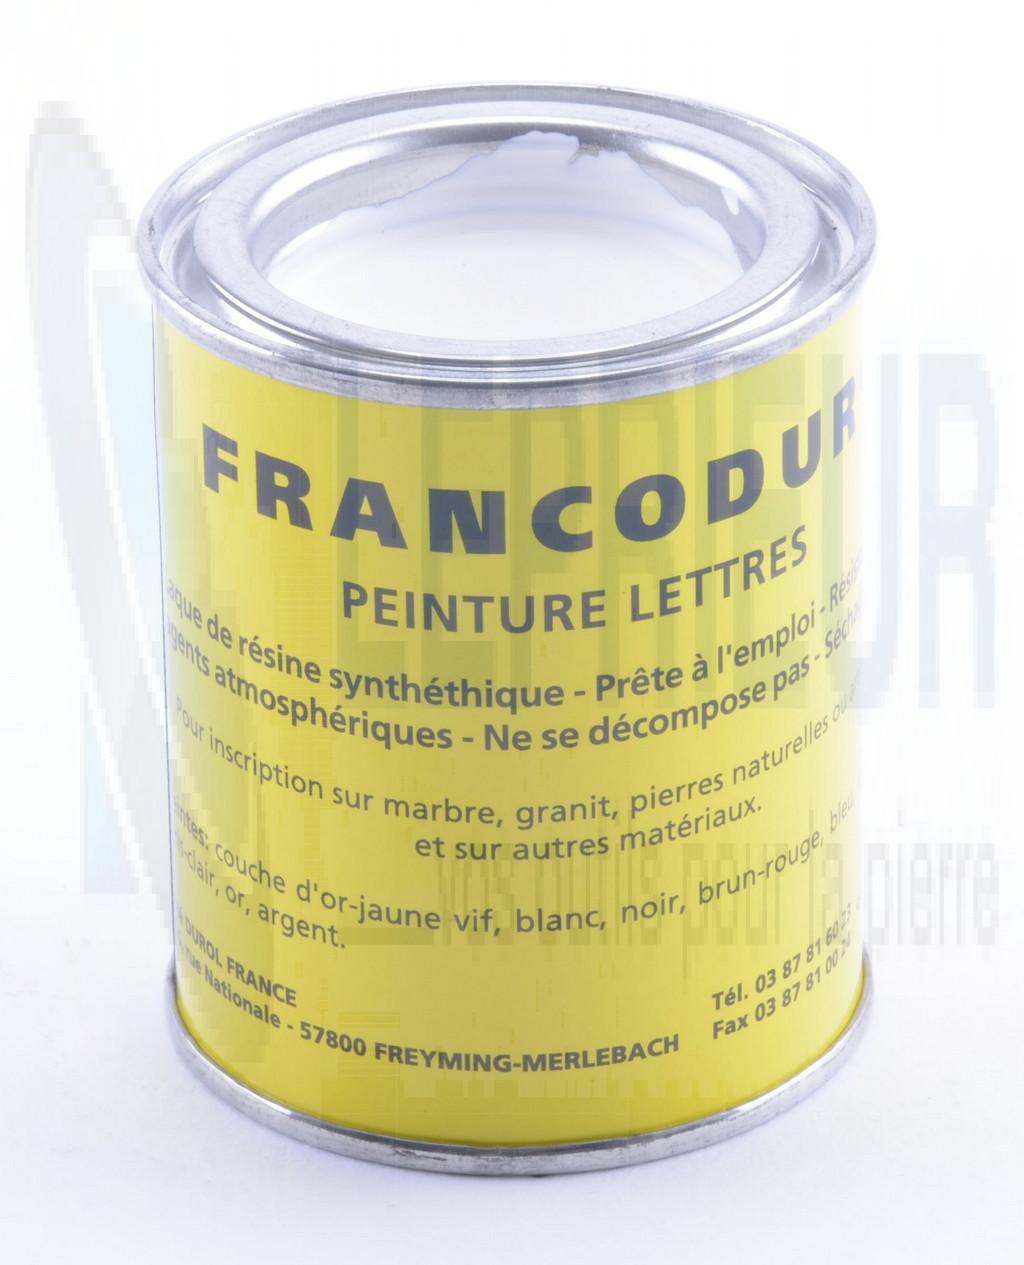 Flacon peinture 105 ml blanche peinture diluant gravure sculpture for Peinture blanche